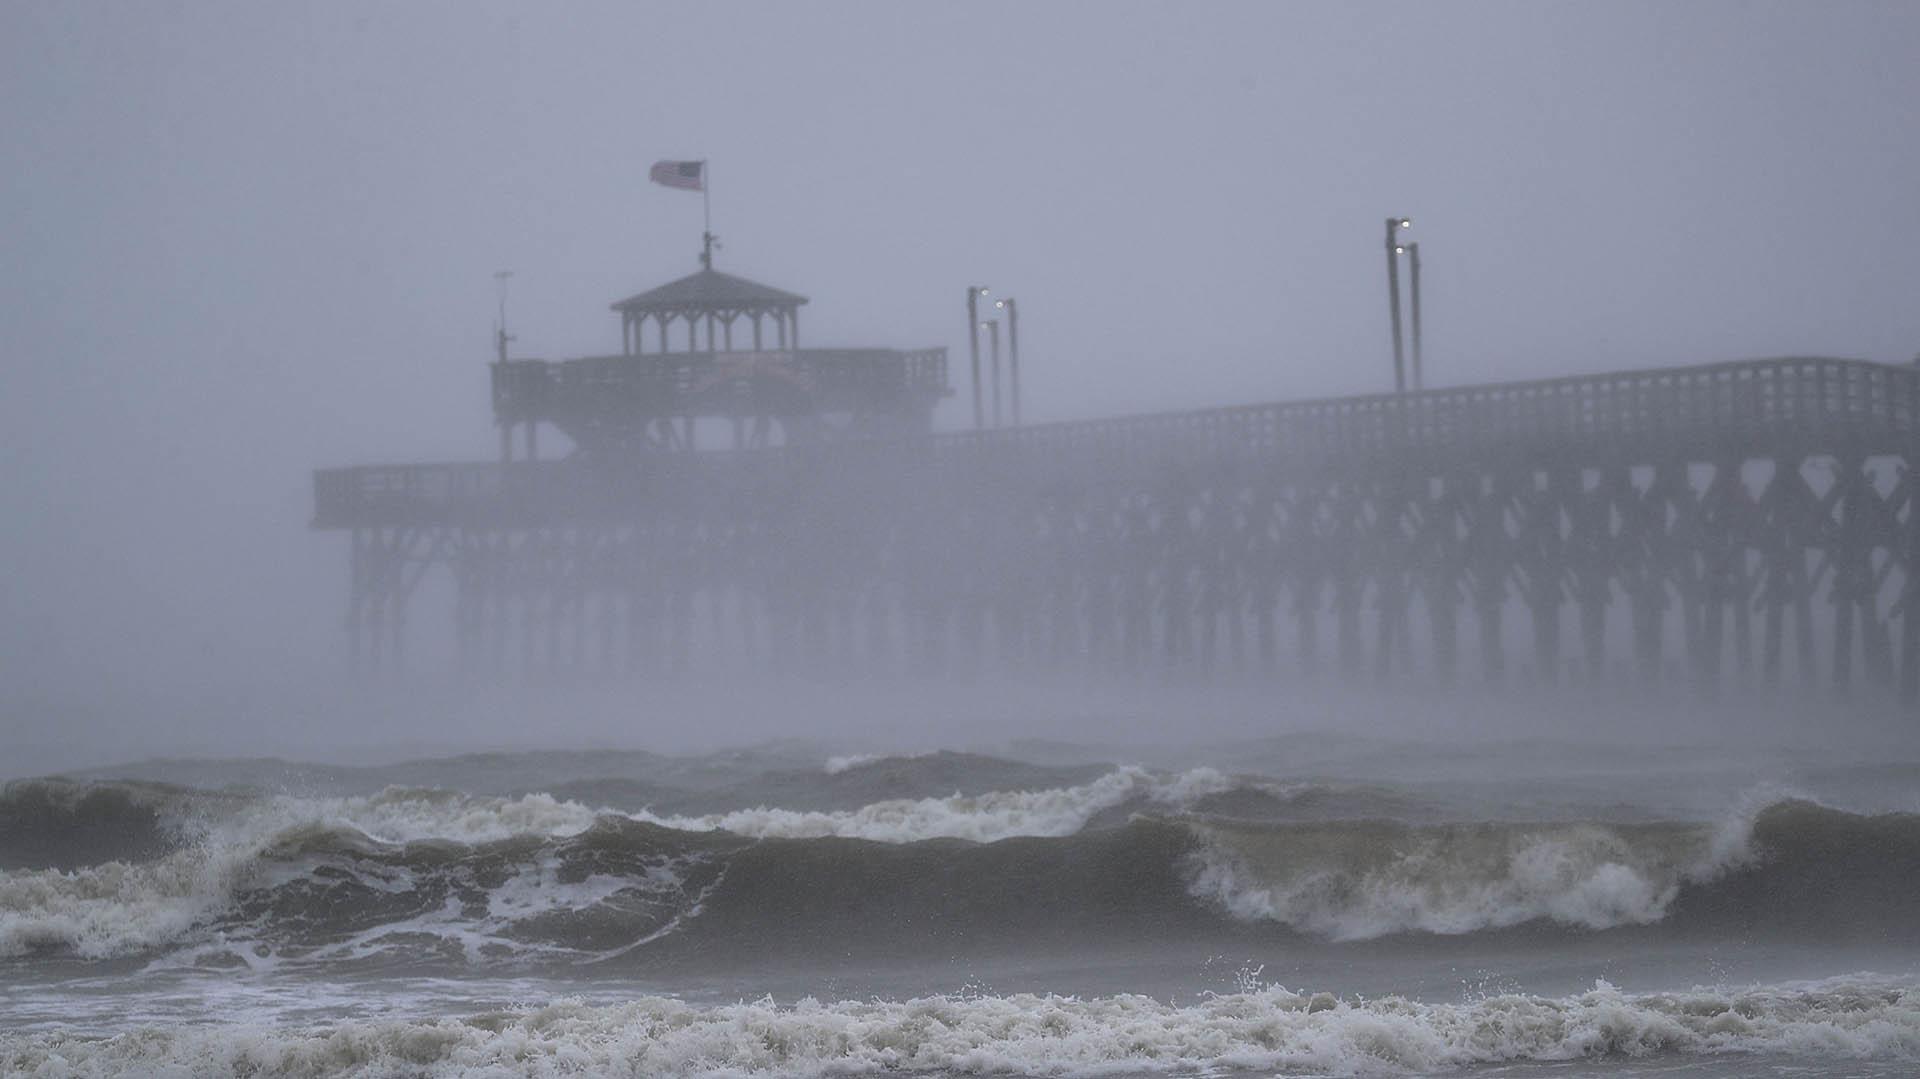 Las olas creadas por el huracán Florence impactan contra el muelle de Cherry Grove, en North Myrtle Beach, Estados Unidos, el 14 de septiembre